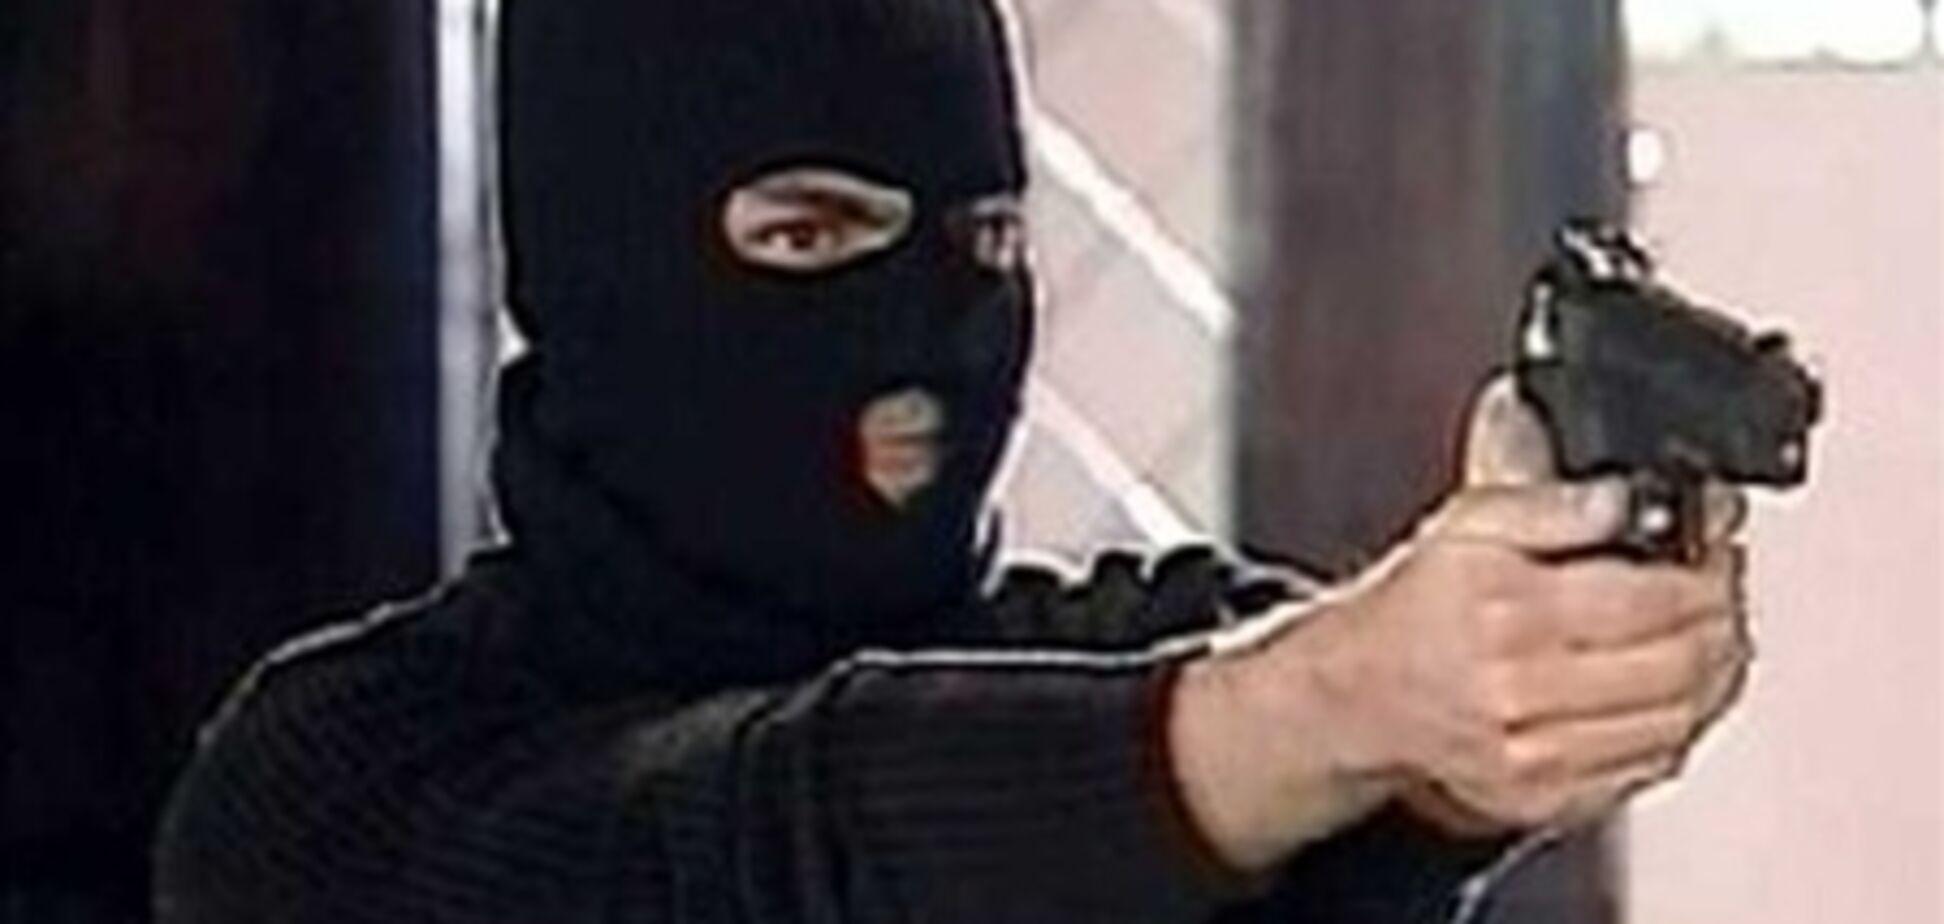 Охранник банка в Херсоне обезвредил вооруженного грабителя